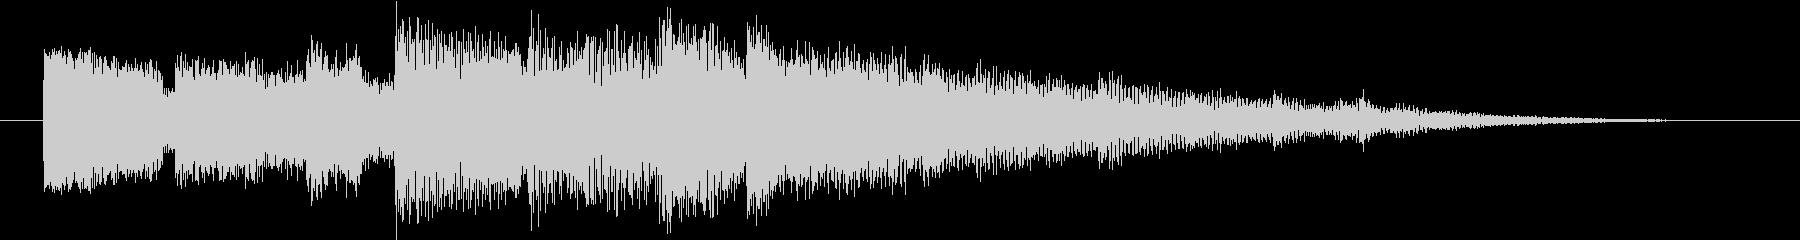 短めのシンプルなジングルの未再生の波形